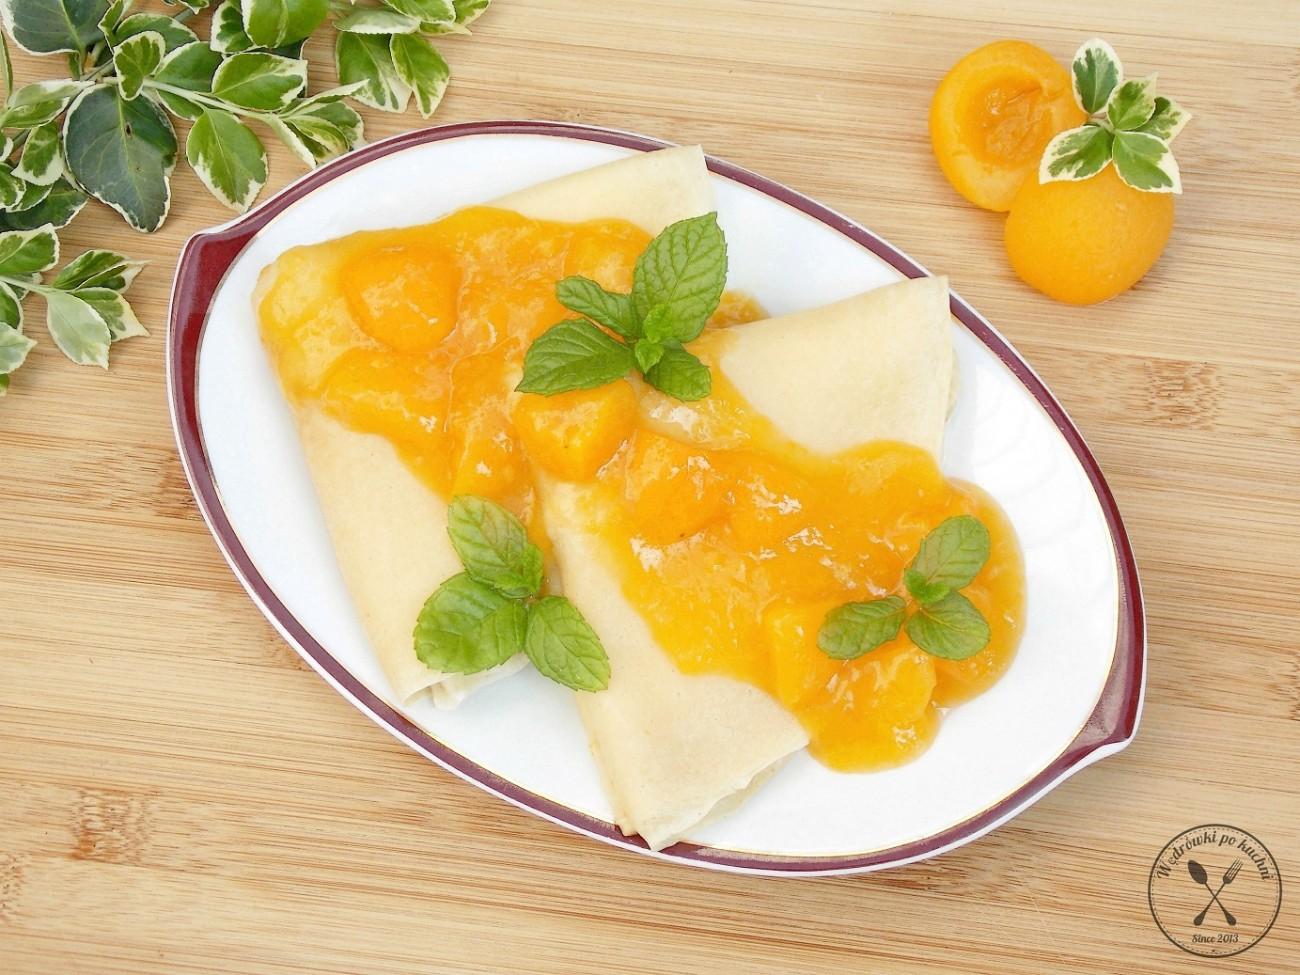 Naleśniki z sosem brzoskwiniowym